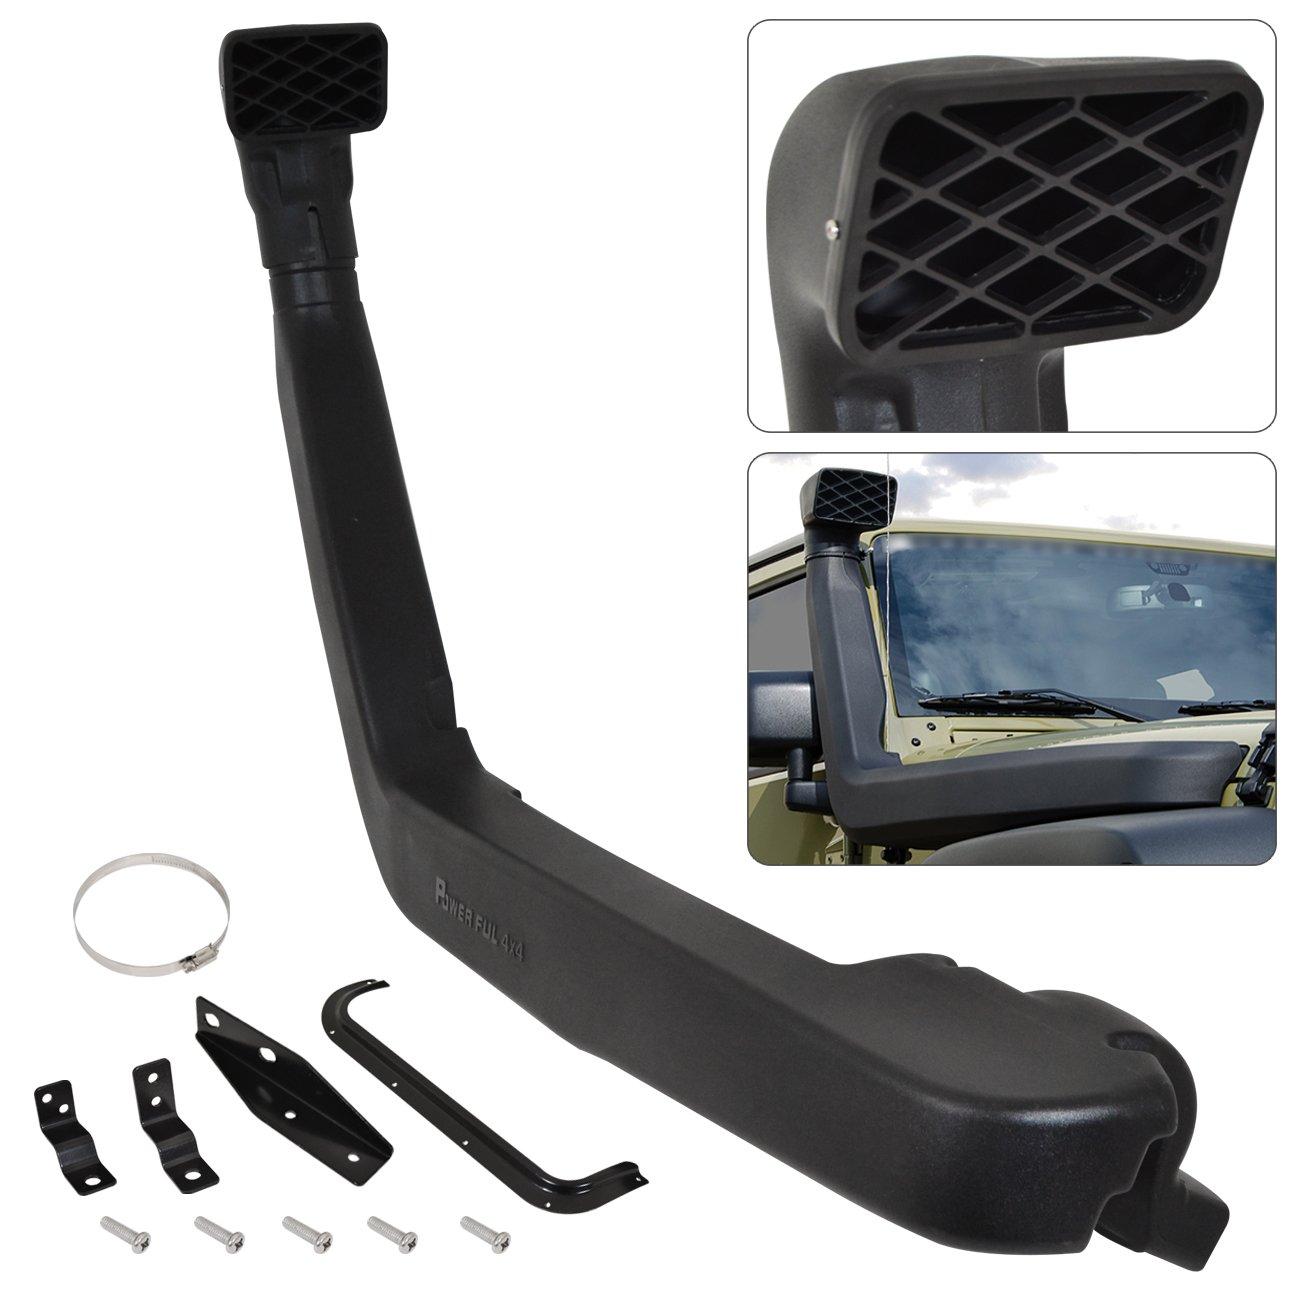 For Jeep Wrangler Jk 3.8L V6 4X4 Off Road Black Polyurethane High Mount Cold Ram Air Induction Snorkel System Kit